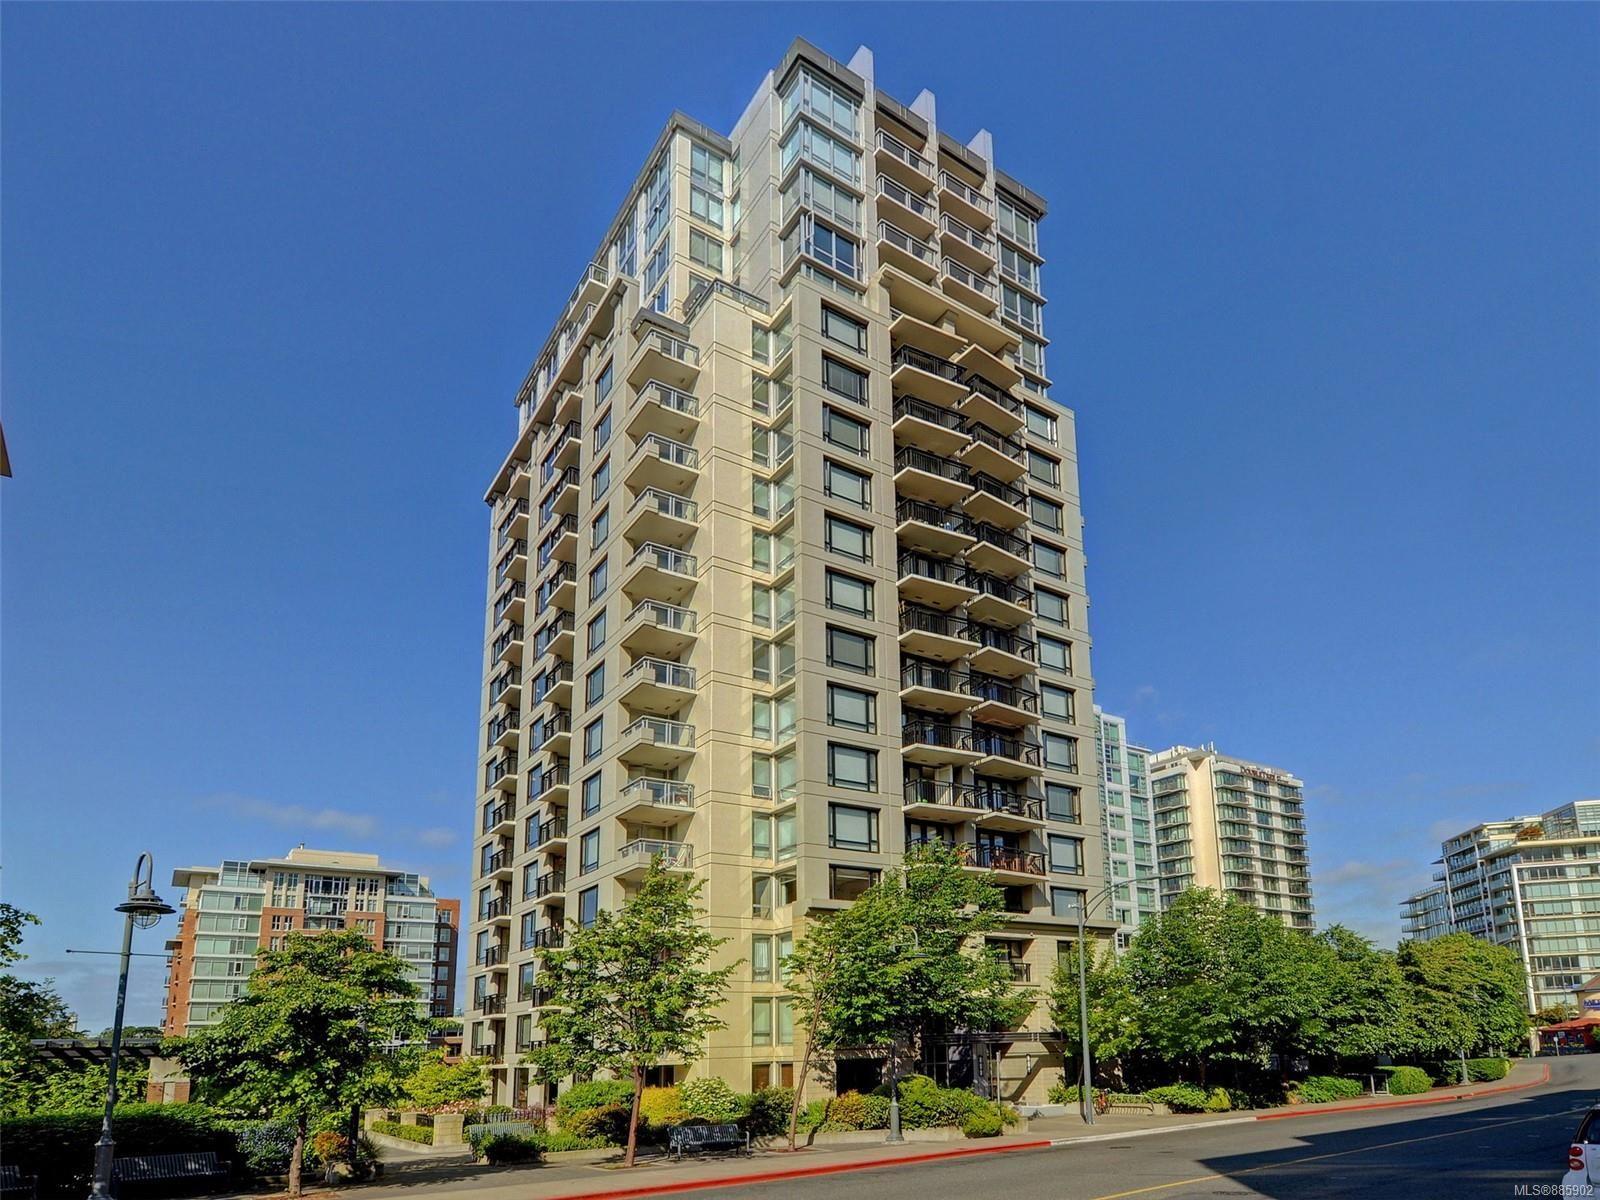 Main Photo: 704 751 Fairfield Rd in Victoria: Vi Downtown Condo for sale : MLS®# 885902